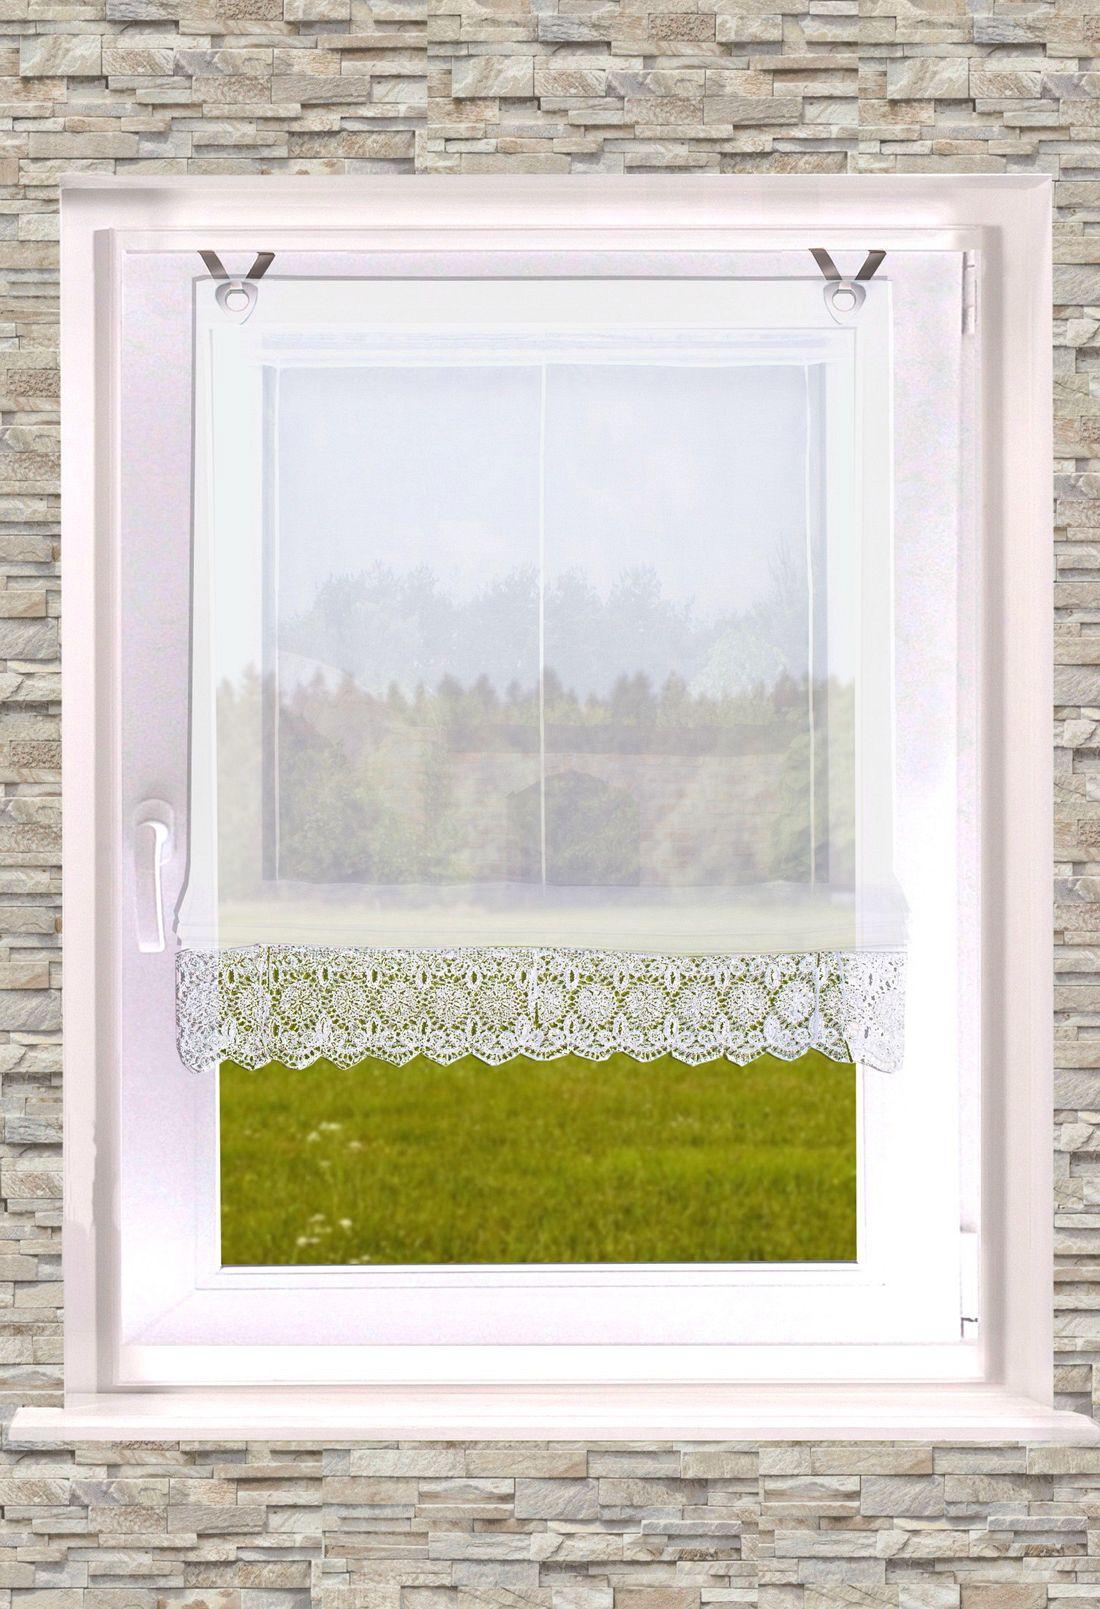 gardinen welt online shop raffrollo mit sen senrollo zoe mit spitzenborte 45cm 60cm. Black Bedroom Furniture Sets. Home Design Ideas